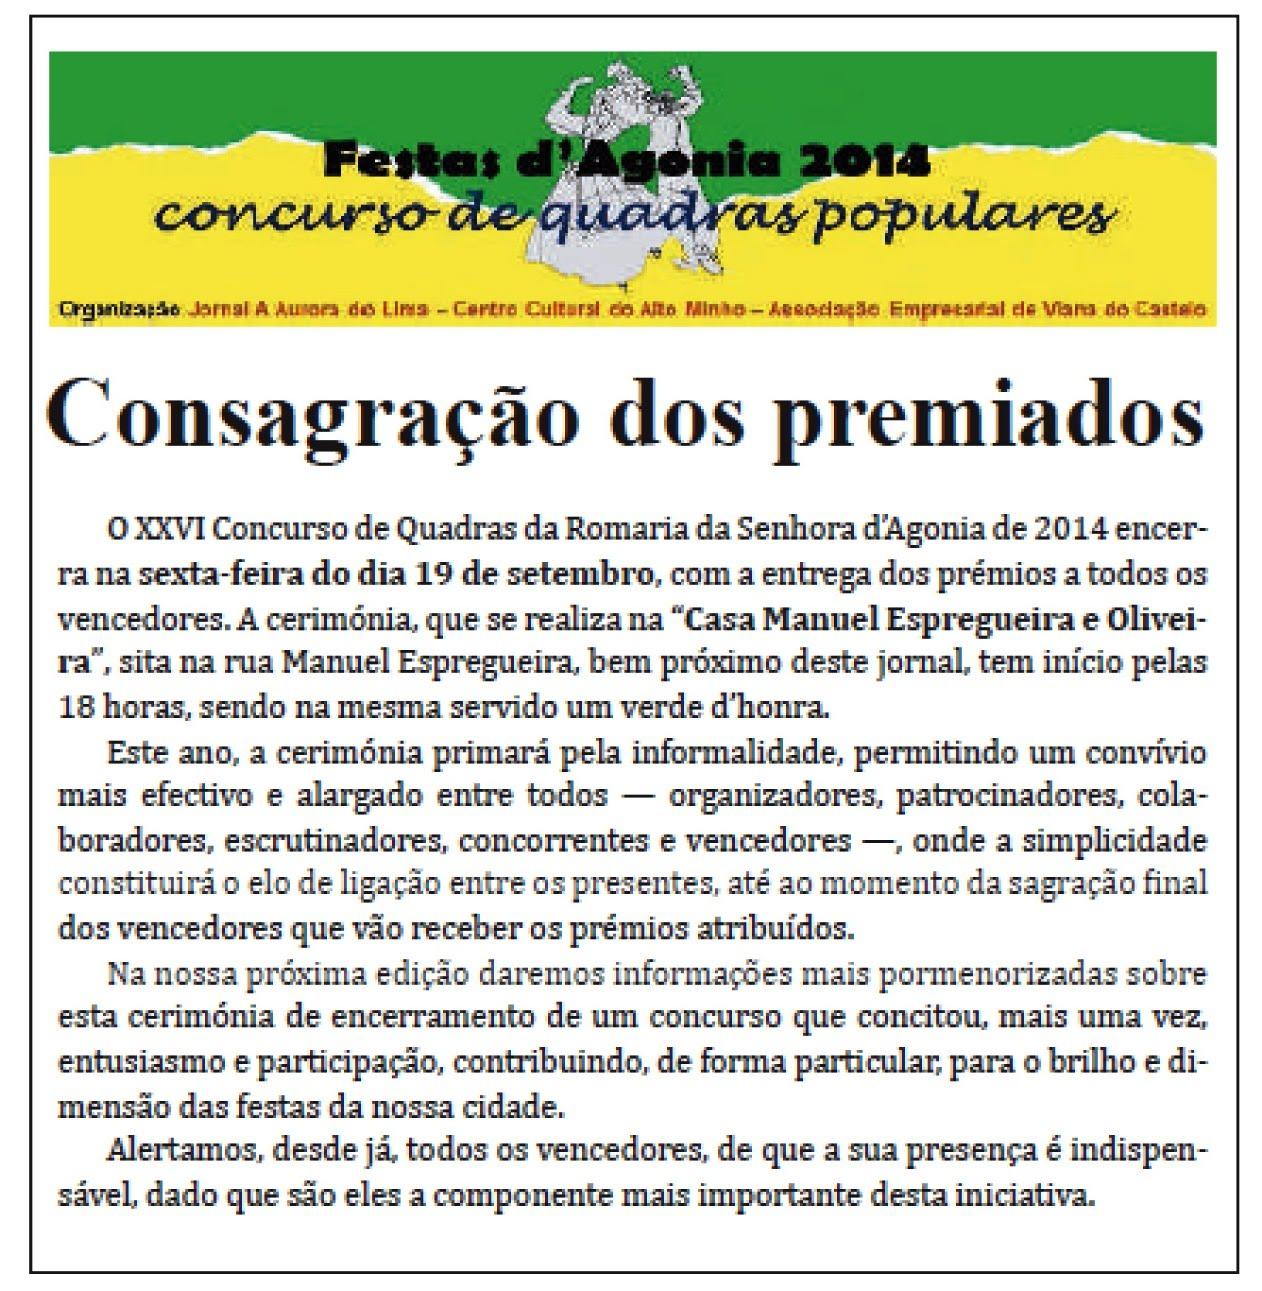 https://sites.google.com/a/centroculturaldoaltominho.org/ccam/actividades-realizadas/2014/Nota_Dia4.jpg